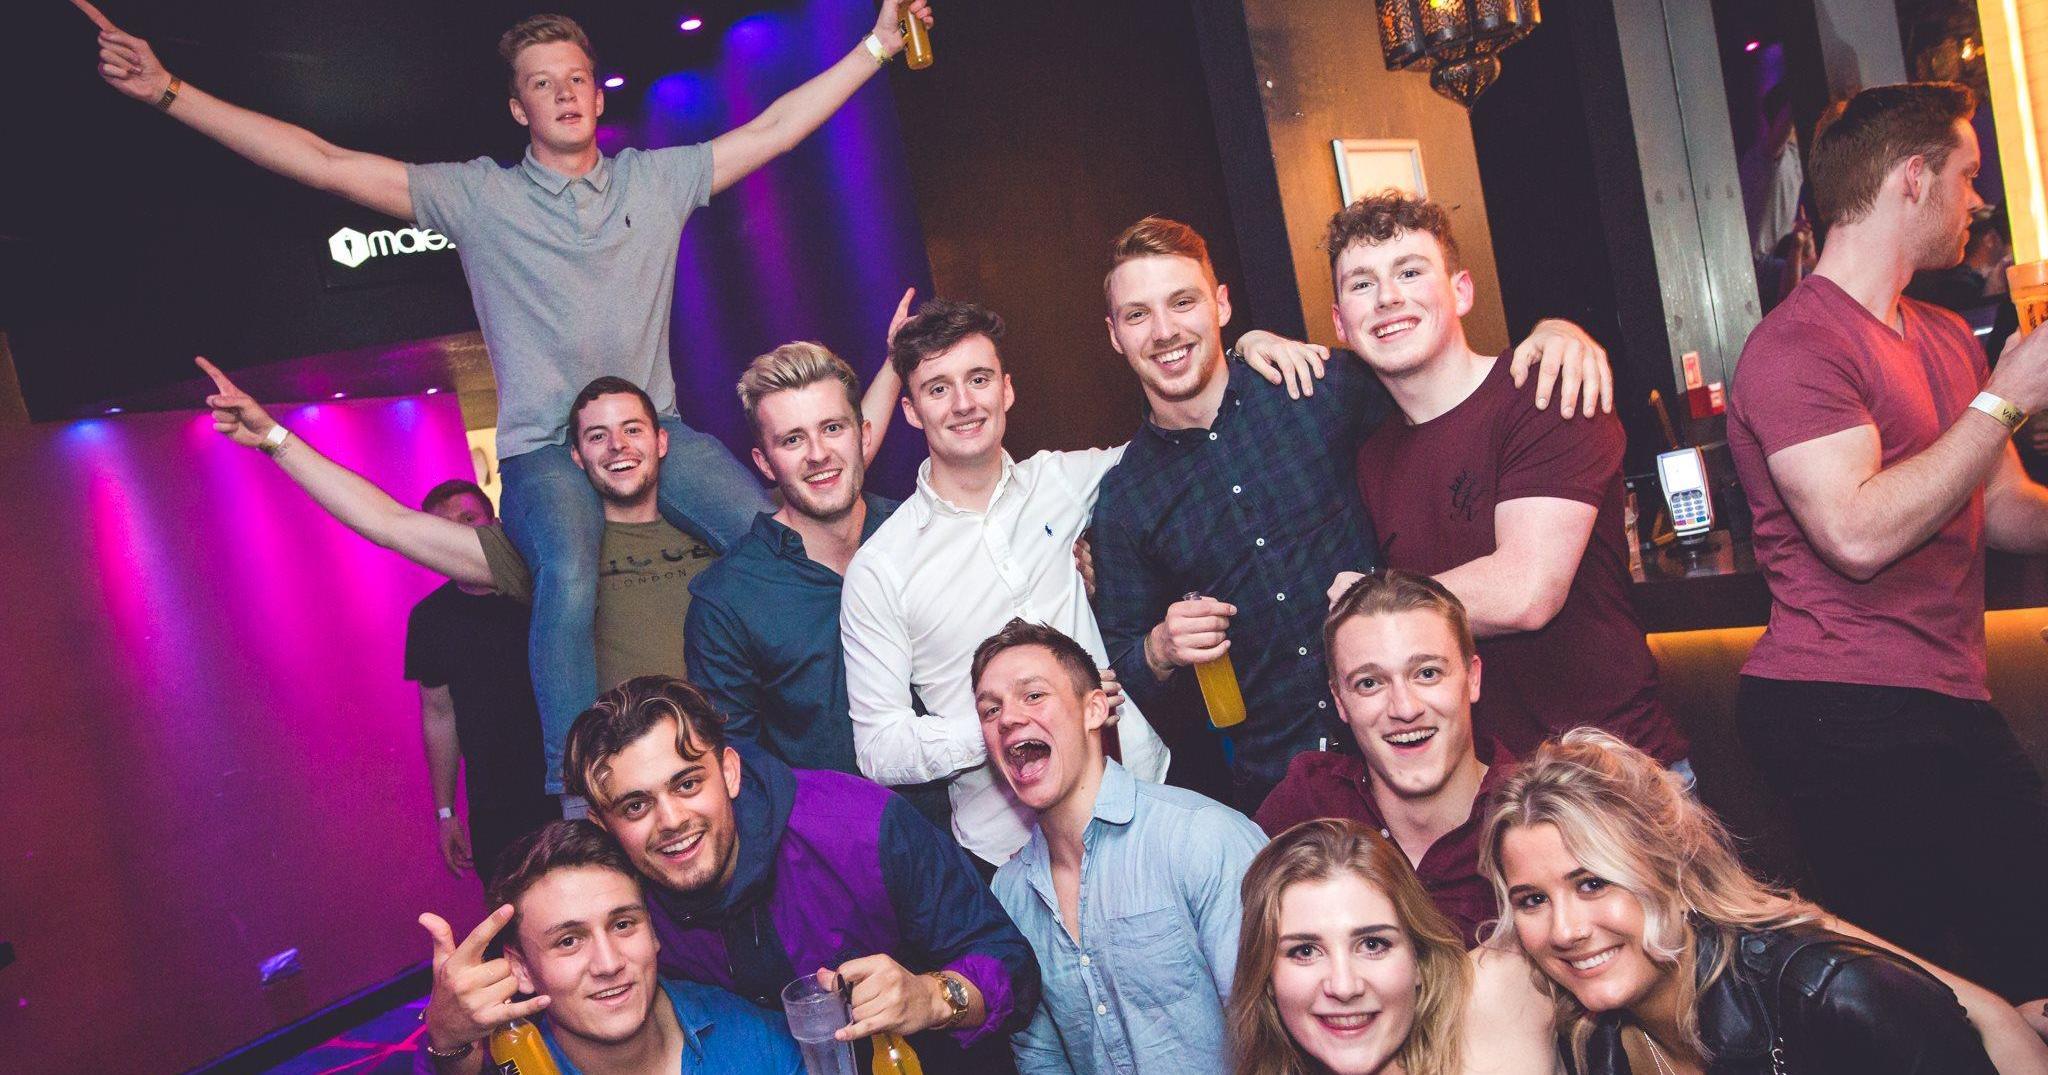 parties Aberdeen scotland gangbang